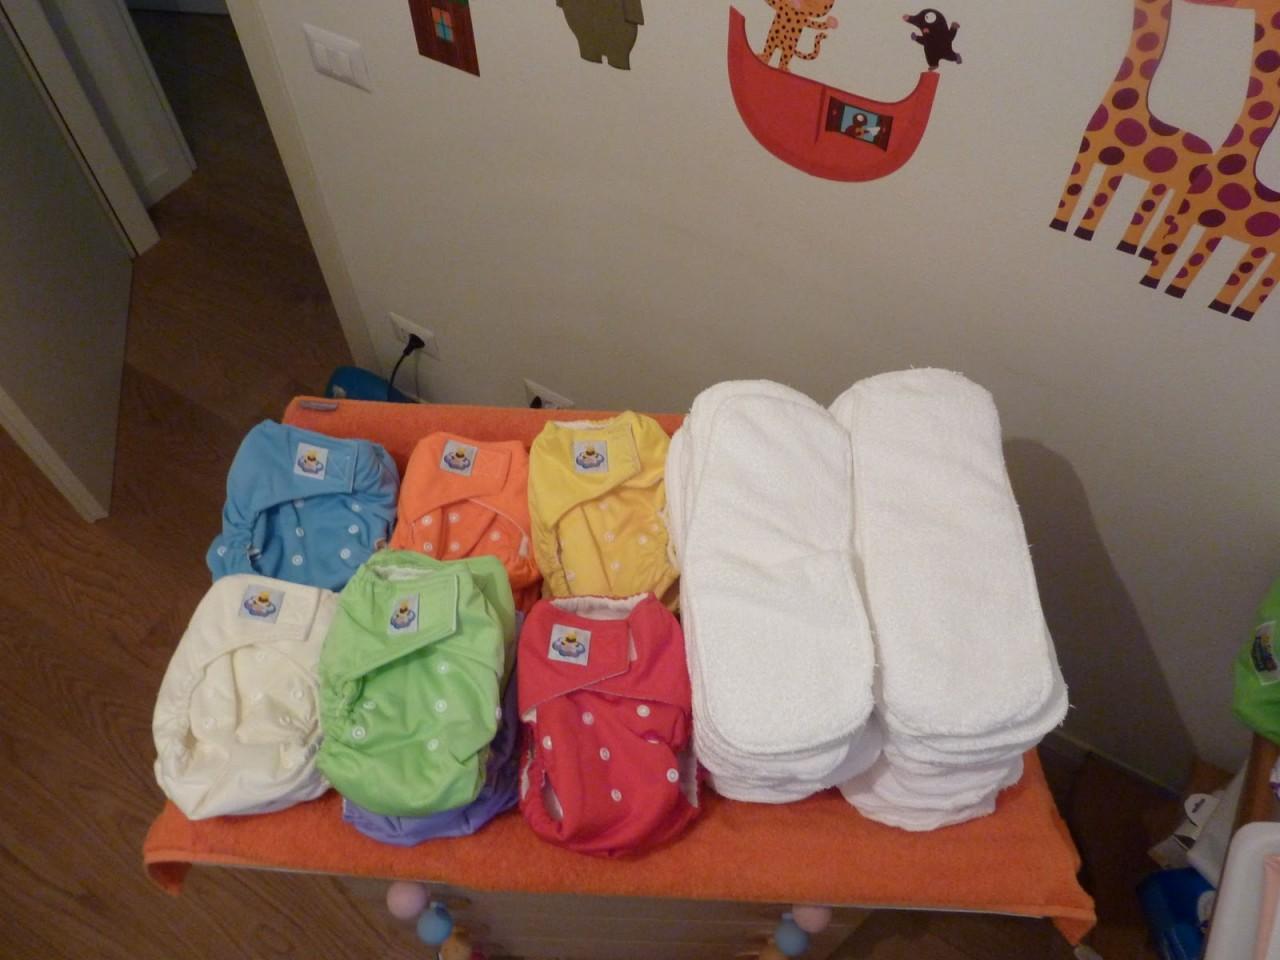 Tappeti Per Bambini Lavabili : Pannolini lavabili per bambini mozione per usarli negli asili